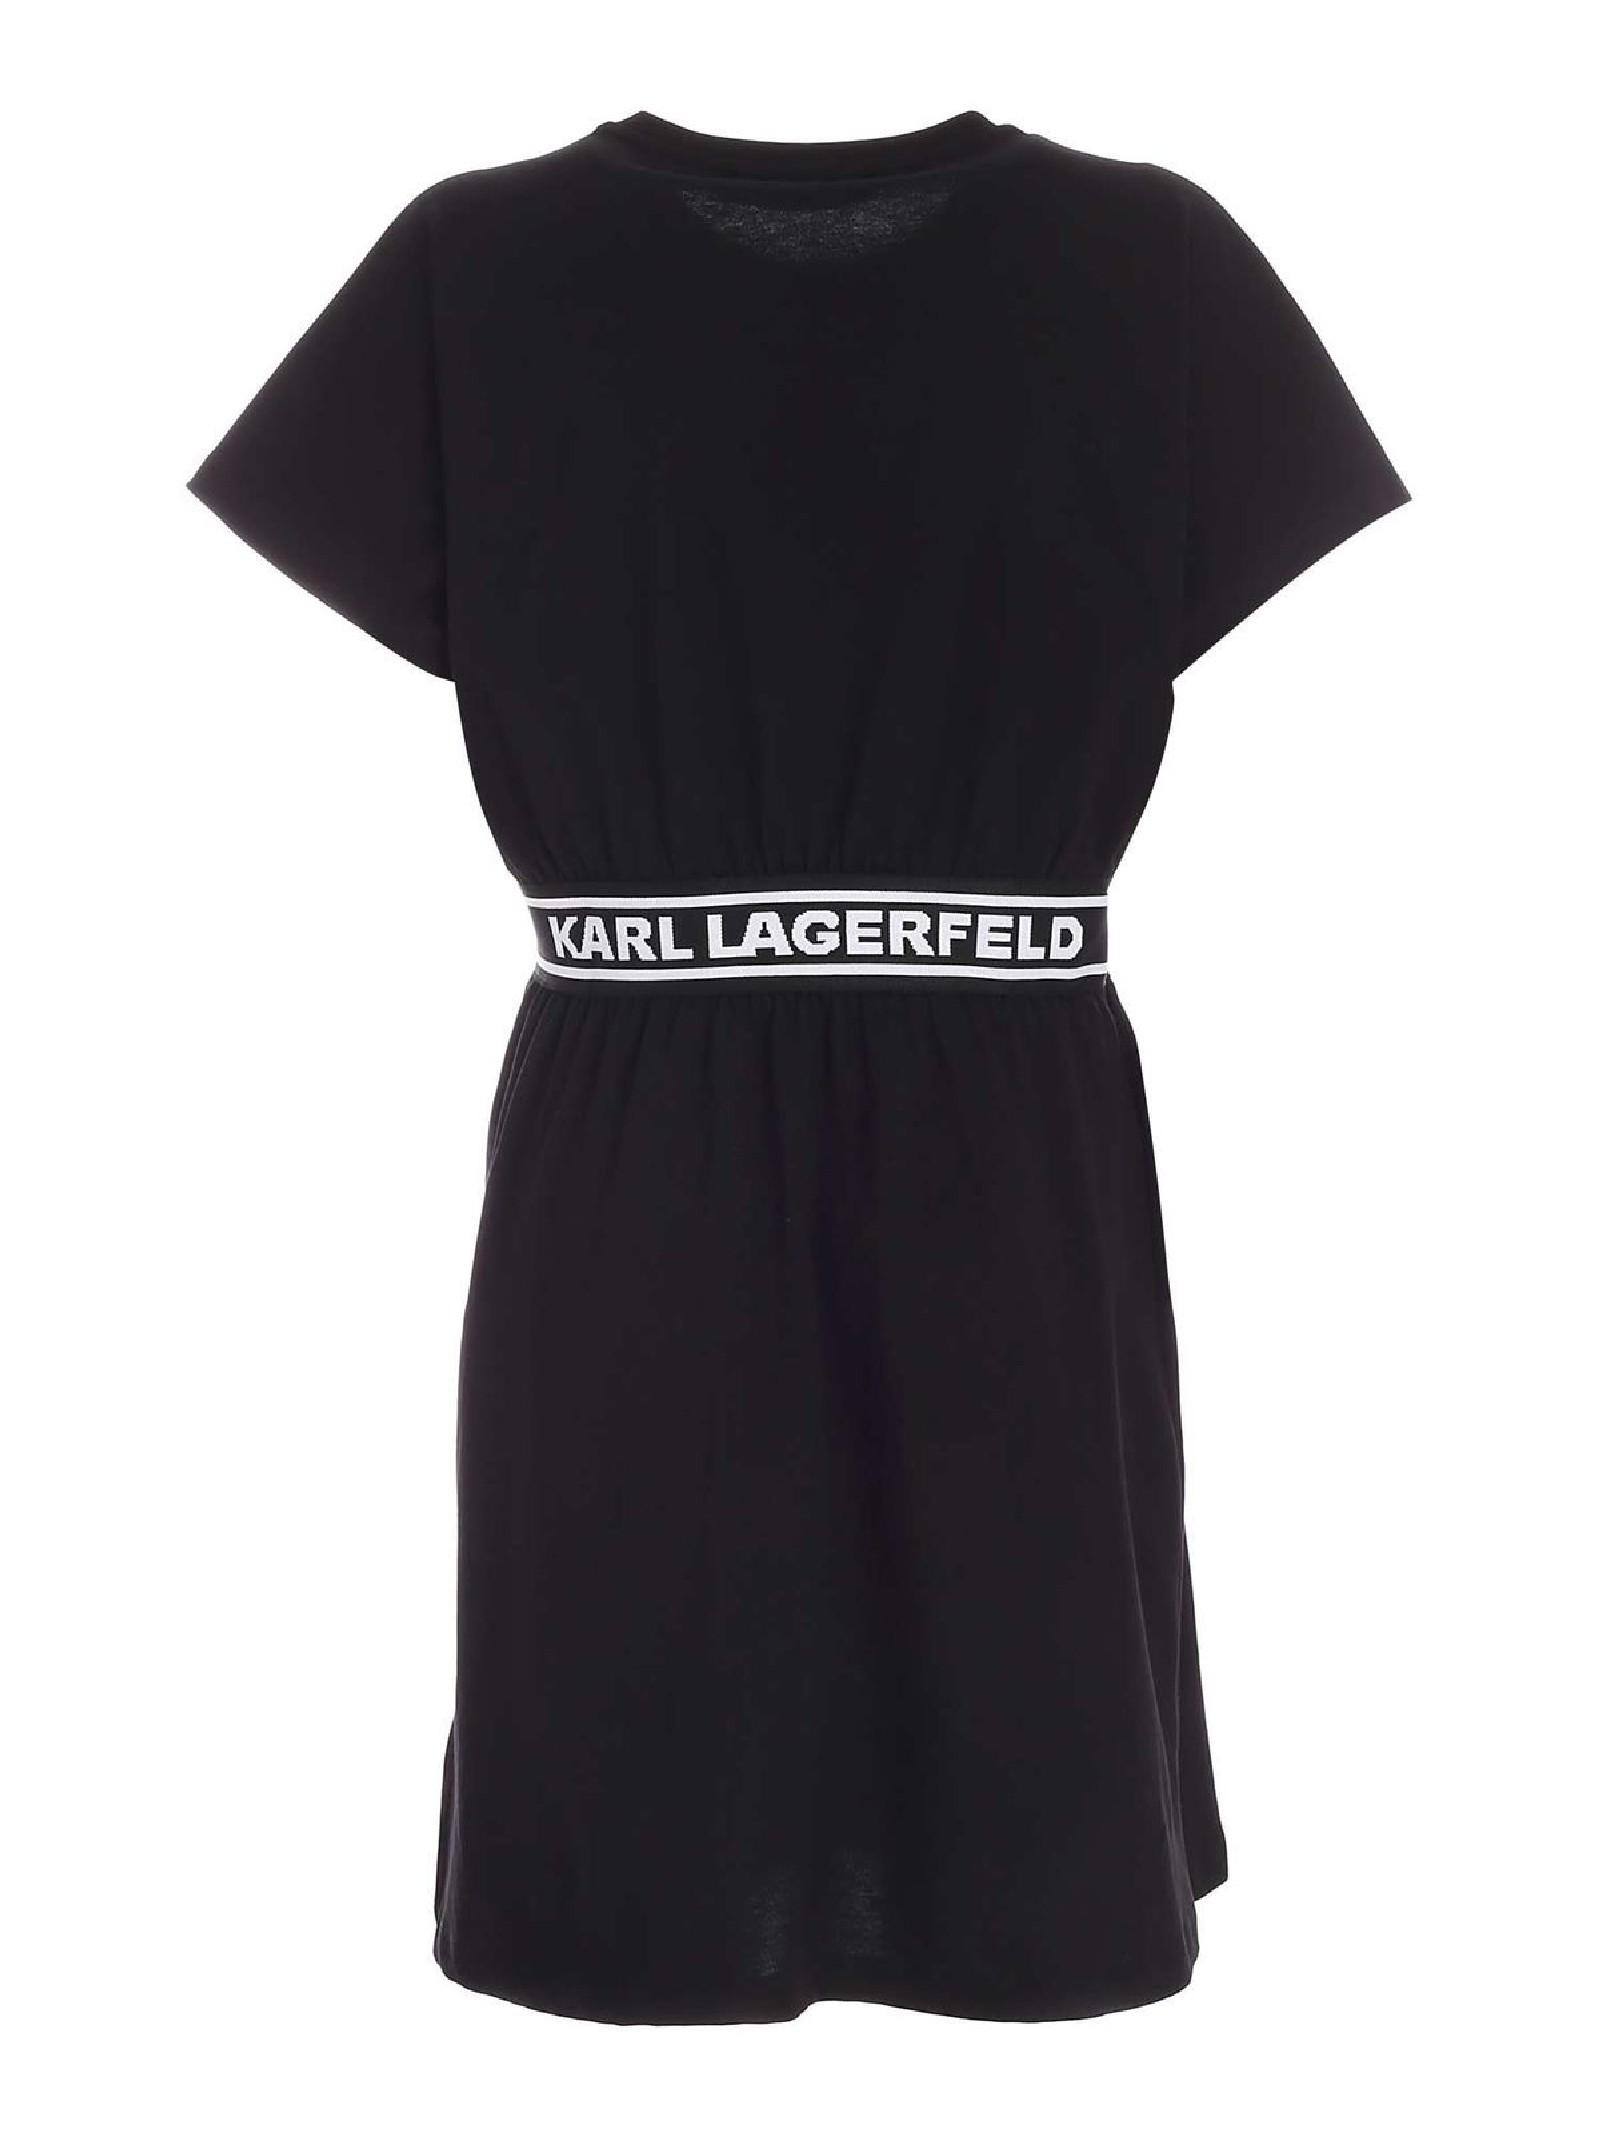 Abito casual  nero con nastro KARL LAGERFELD   Shirt dress   211W1361999